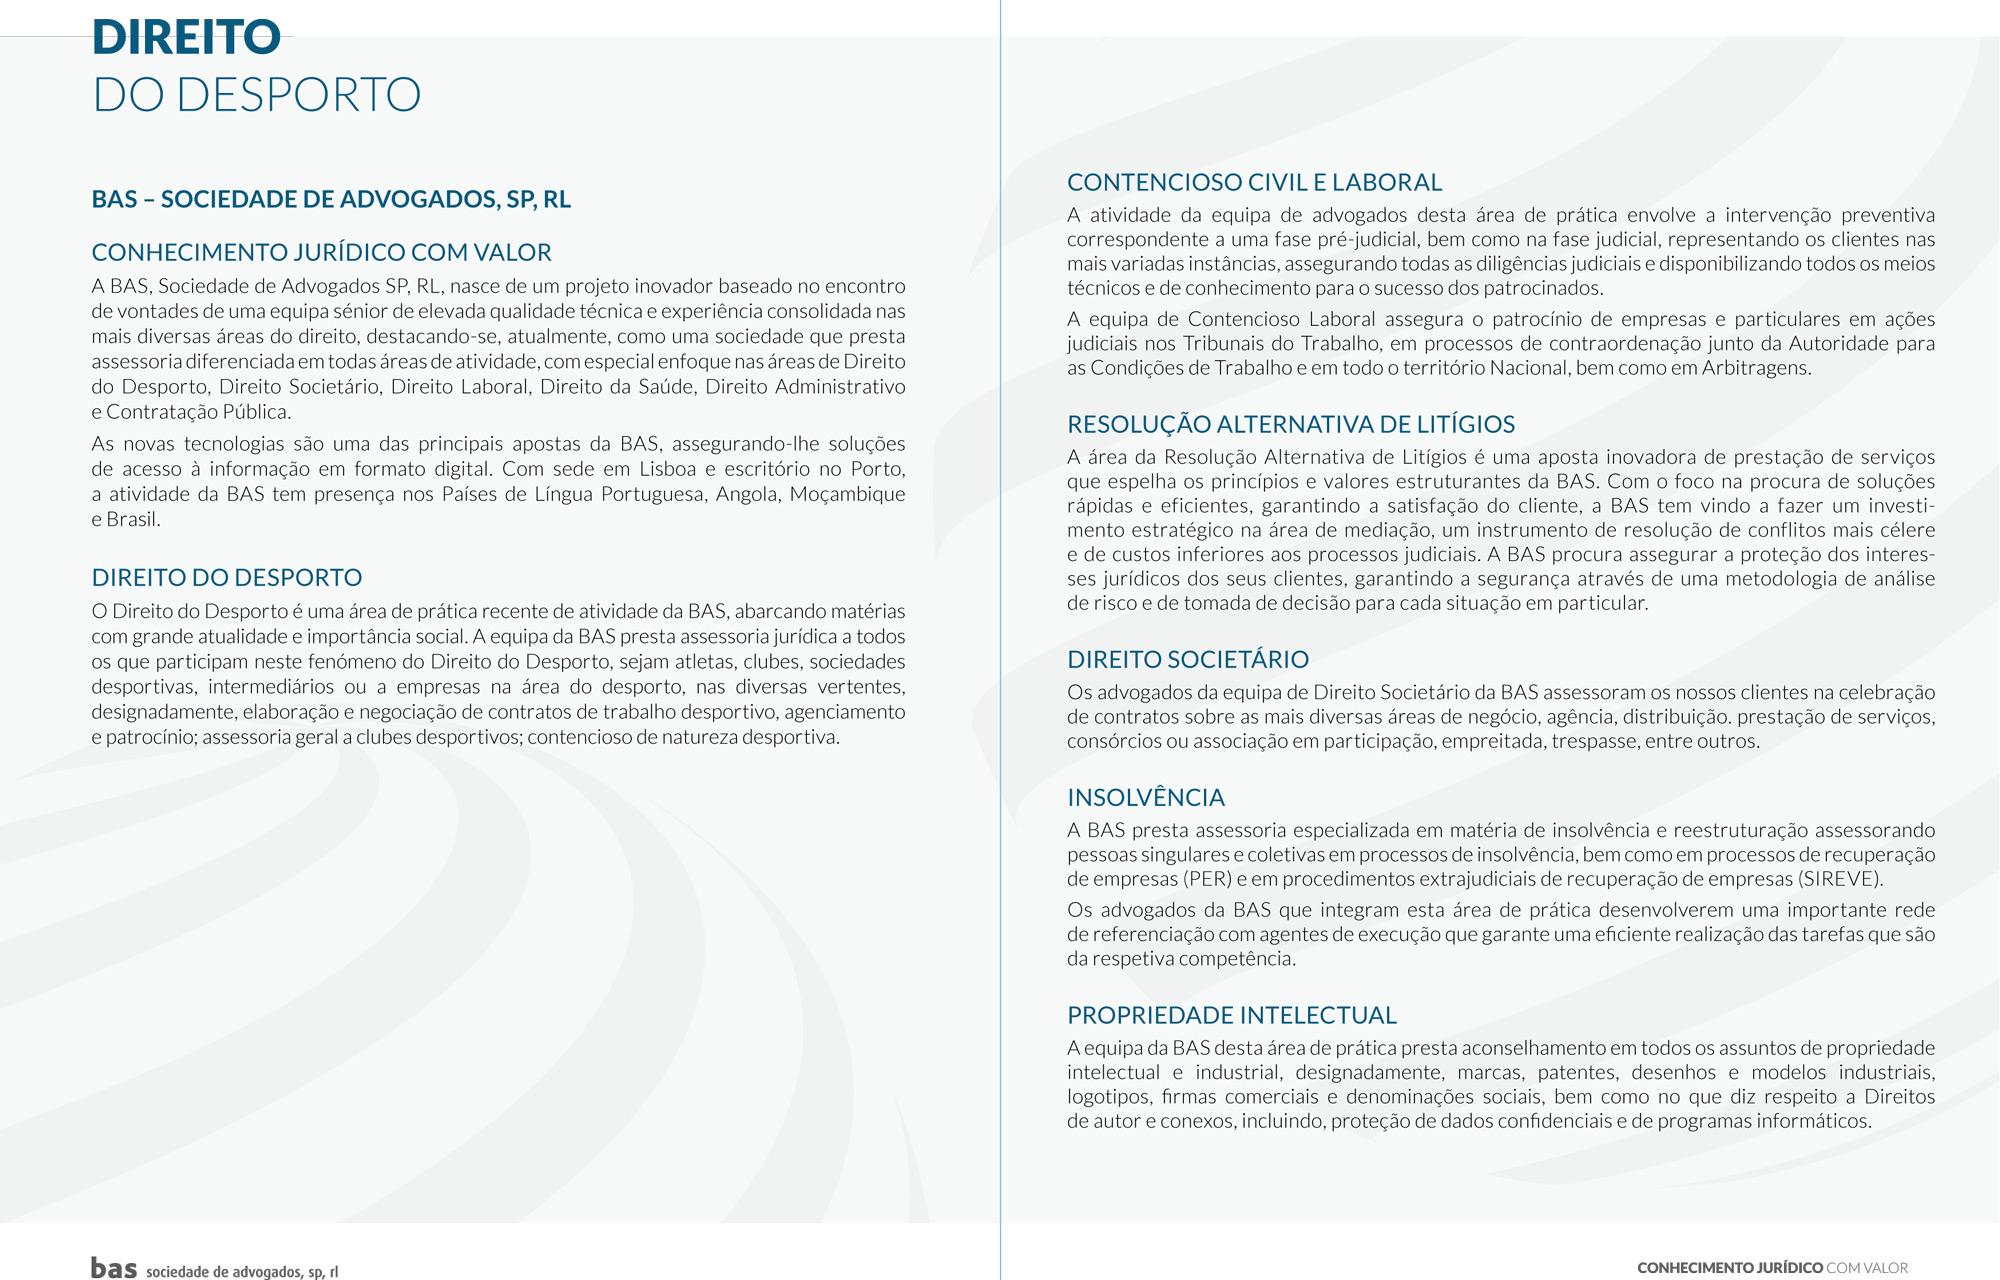 direito do desporto bas brochura bas sociedade de advogadosbas